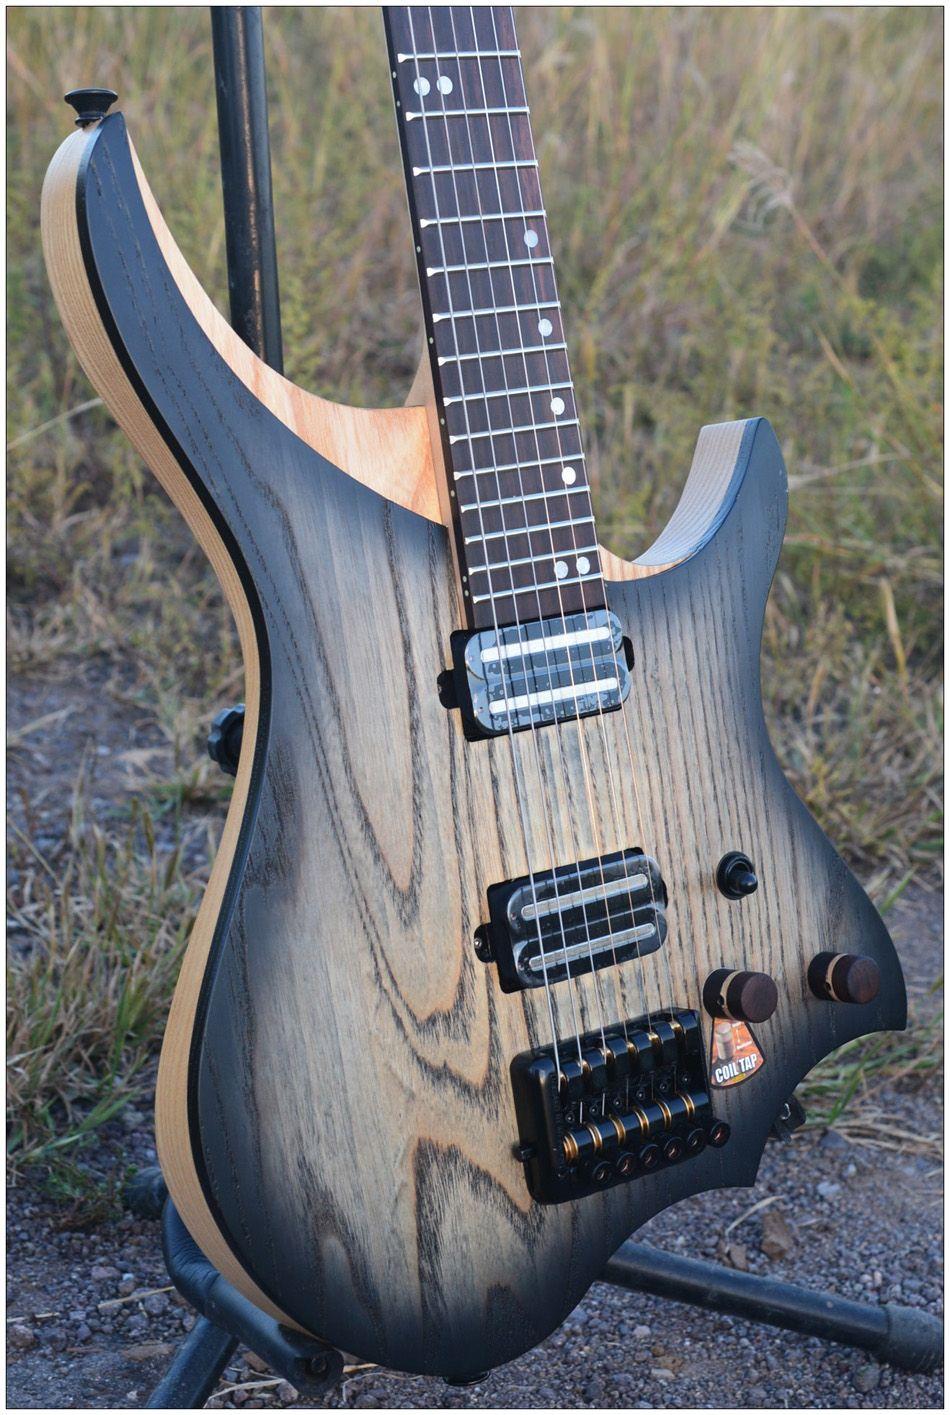 NK Headless Gitarre steinberger stil Modell Schwarz burst farbe Flamme ahorn Hals auf lager Gitarre freies verschiffen